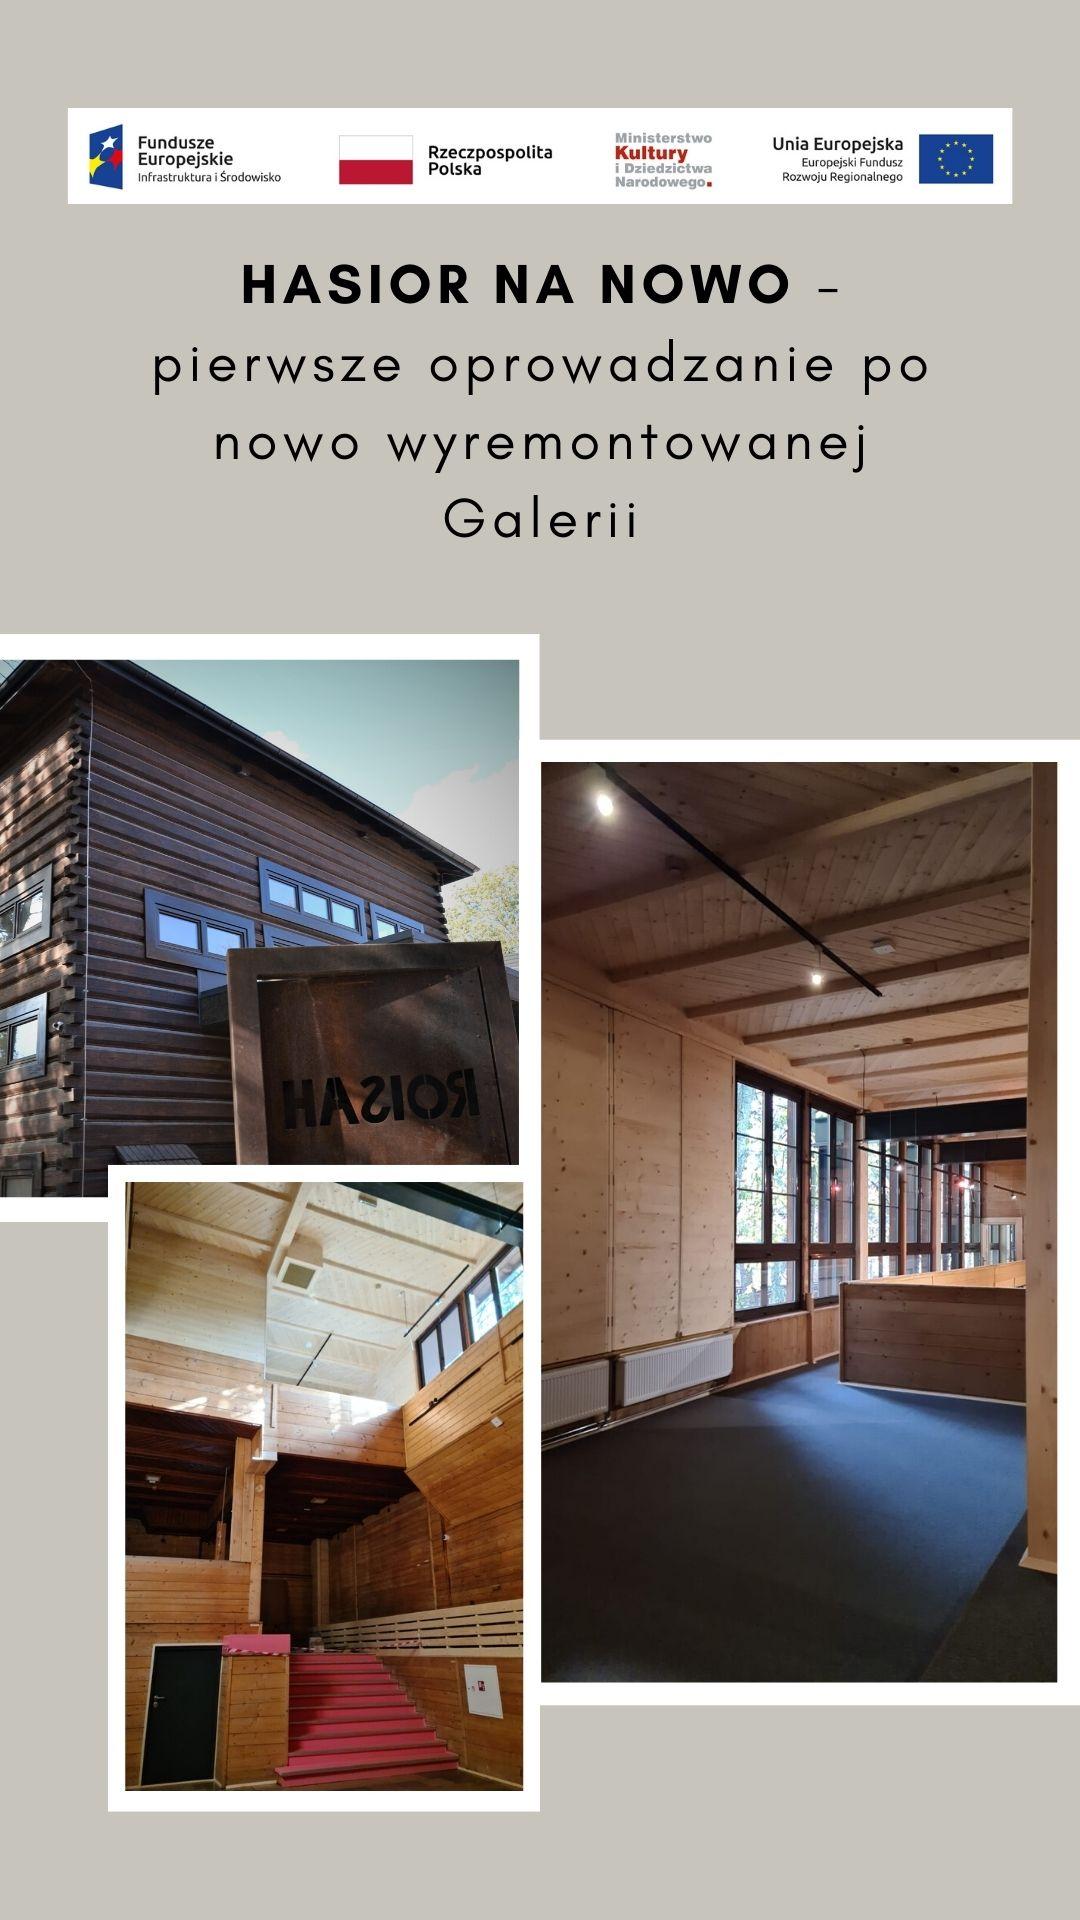 Hasior na nowo – WIRTUALNE (tylko online)  oprowadzanie po galerii.